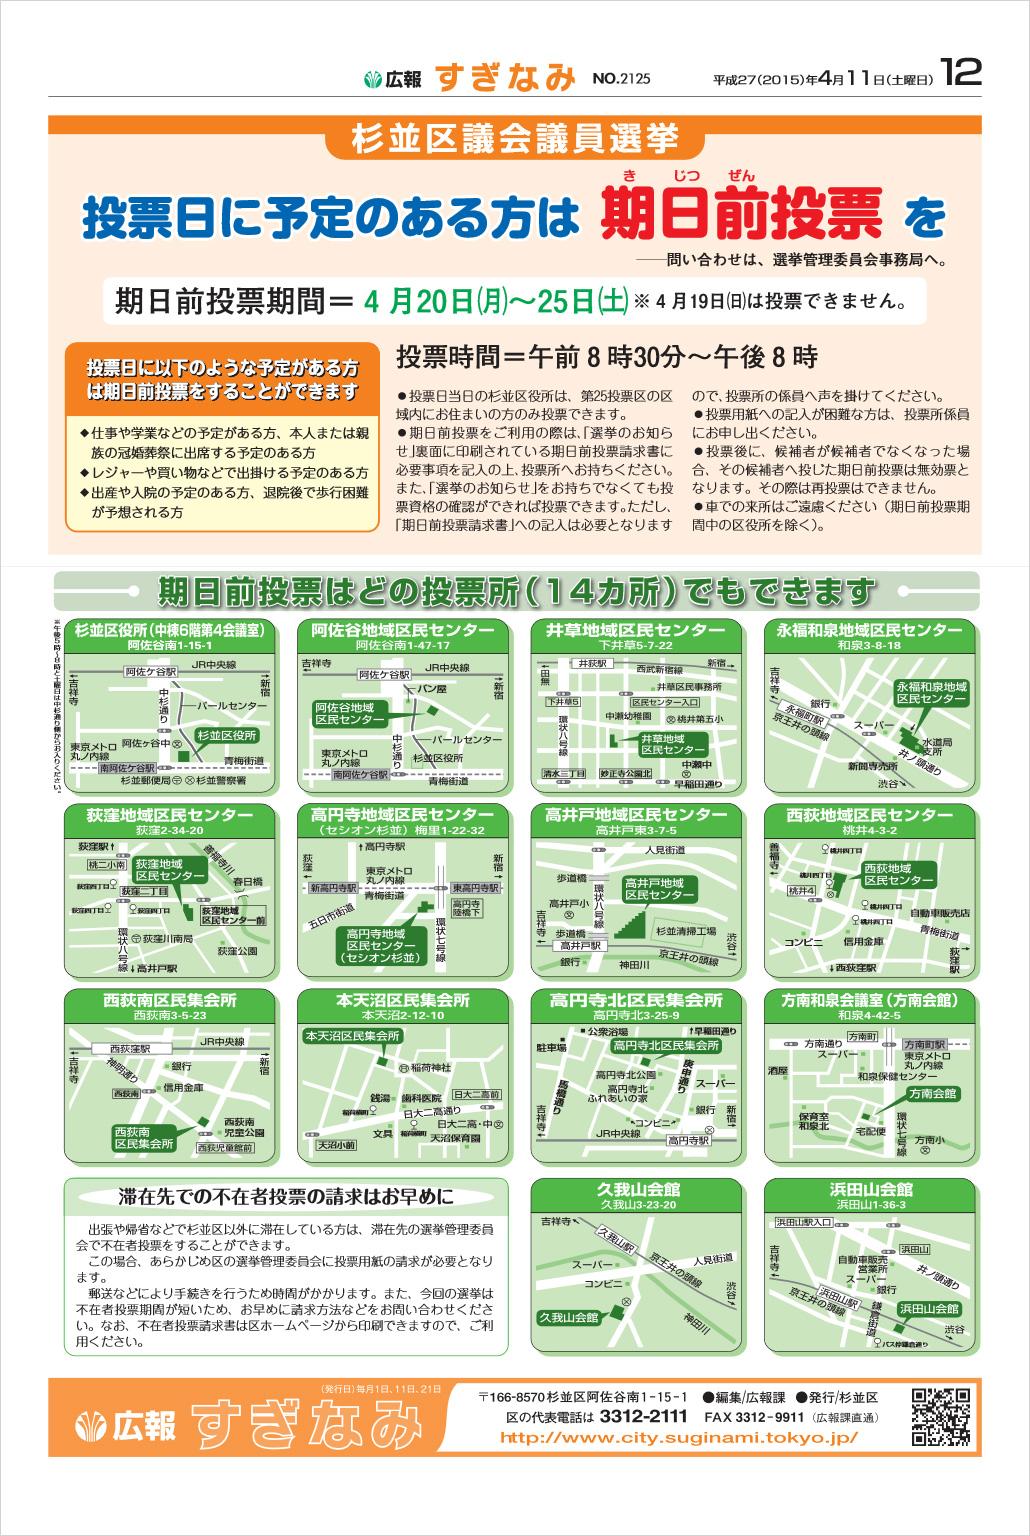 【4/26(日)】「杉並区議会議員選挙」   旧・西荻OVERLOAD!